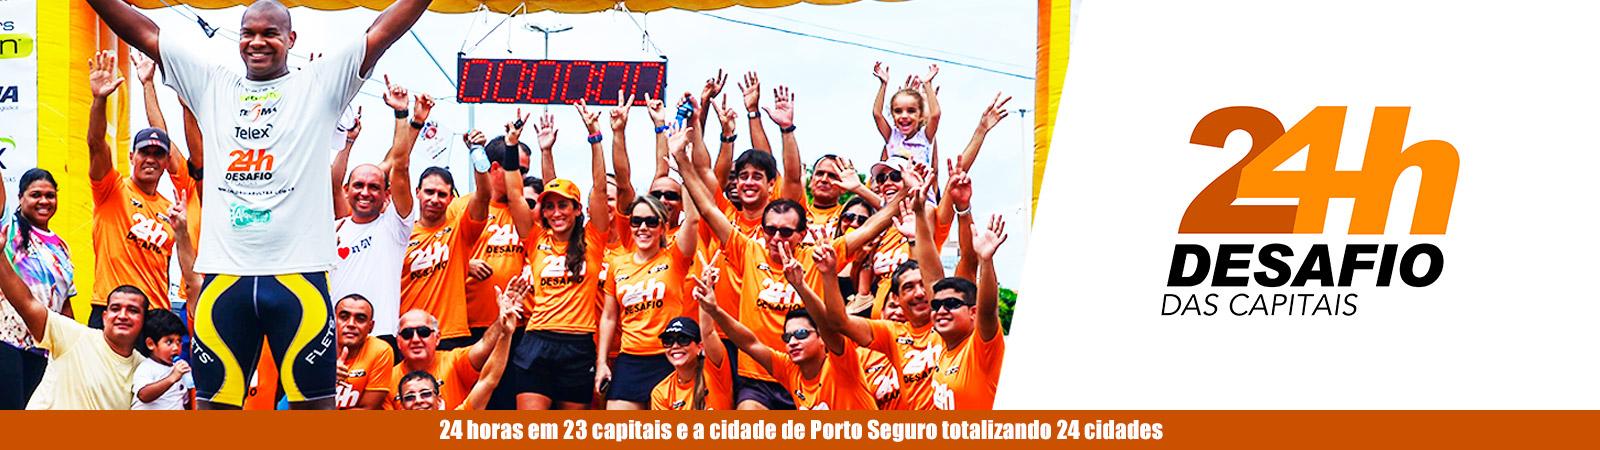 DESAFIO 24 HORAS DAS CAPITAIS - ETAPA BELÉM/PA - Imagem de topo